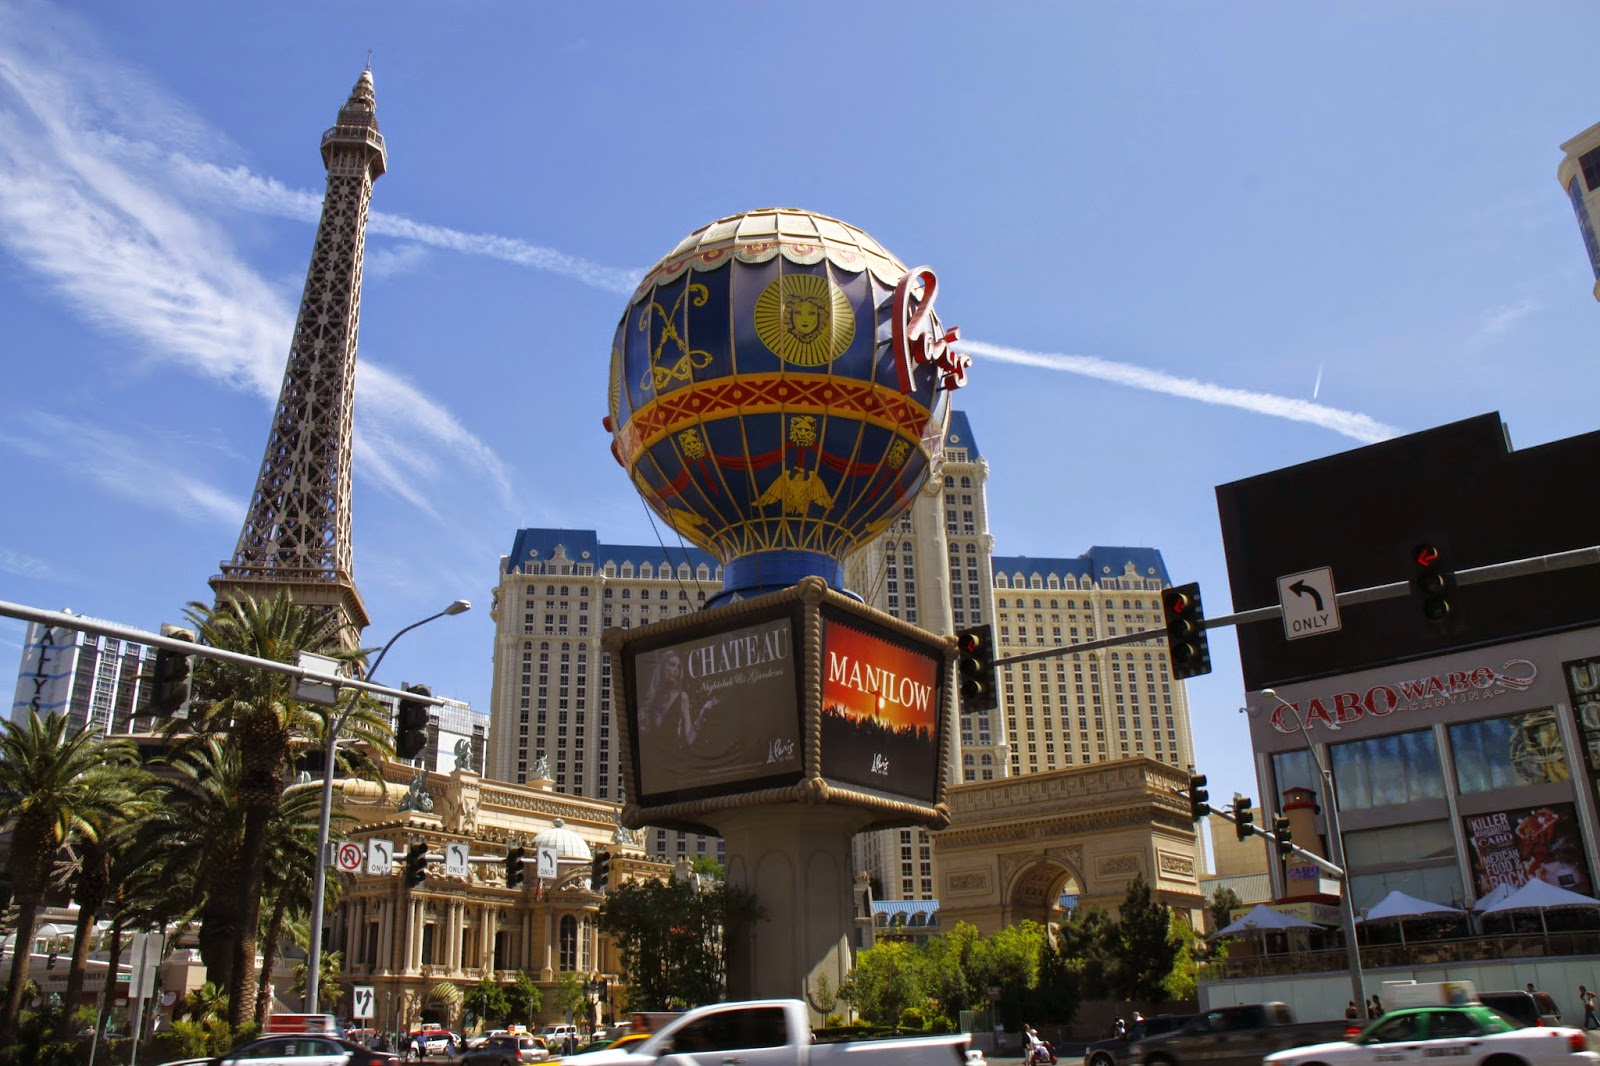 Vegas bir alışveriş merkezidir. Alışveriş ve eğlence merkezi Vegas